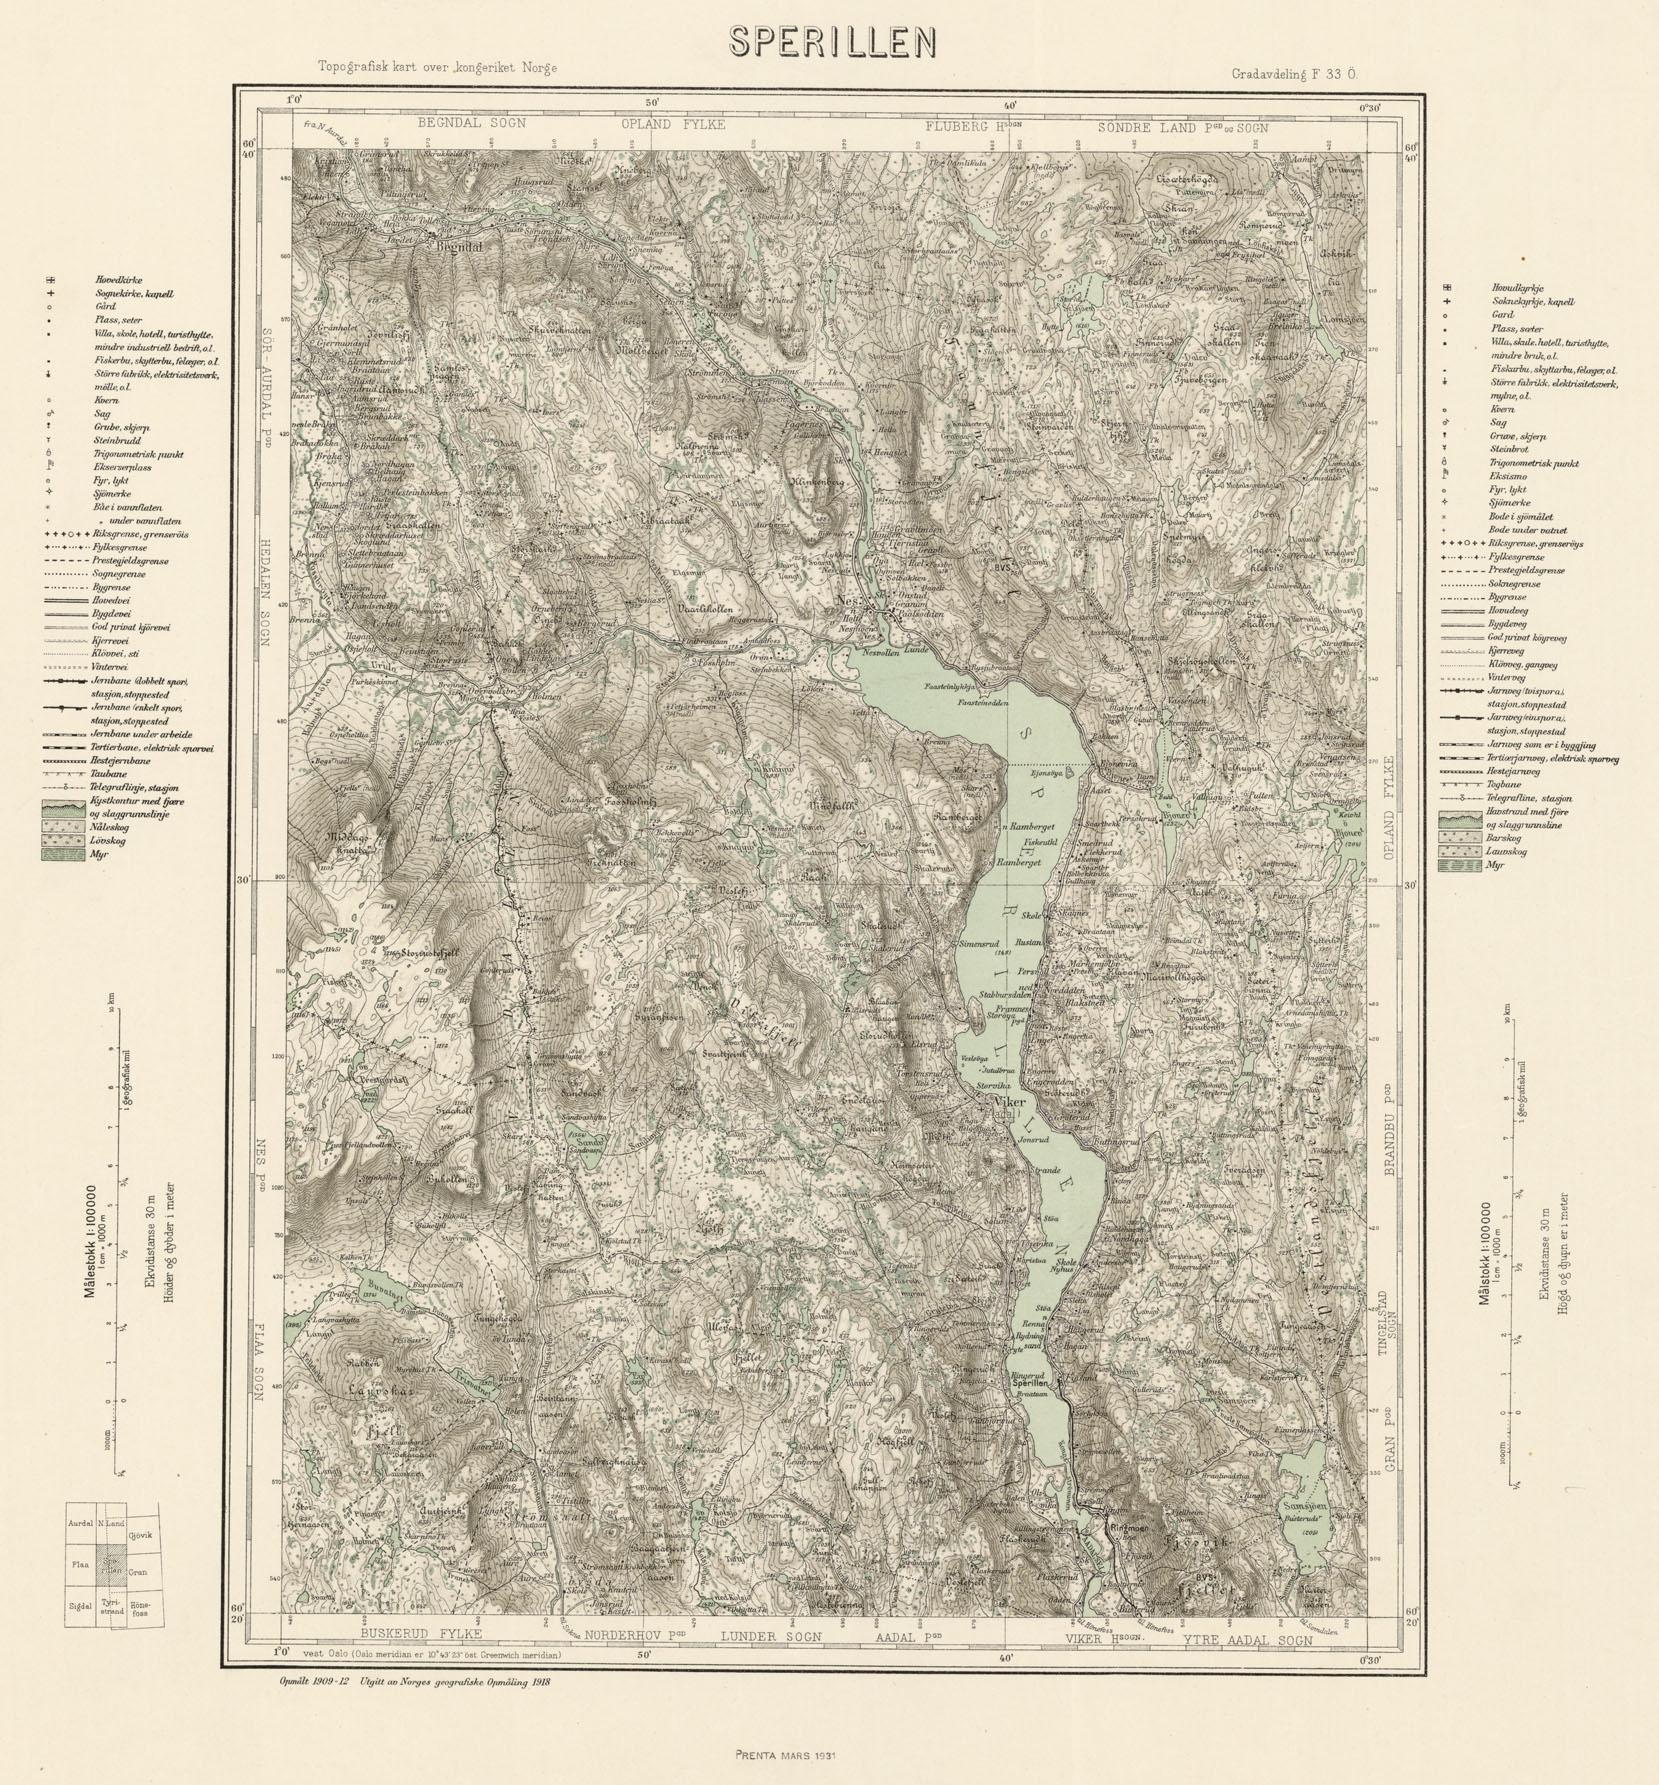 gradteigtr_f33-aust_1918